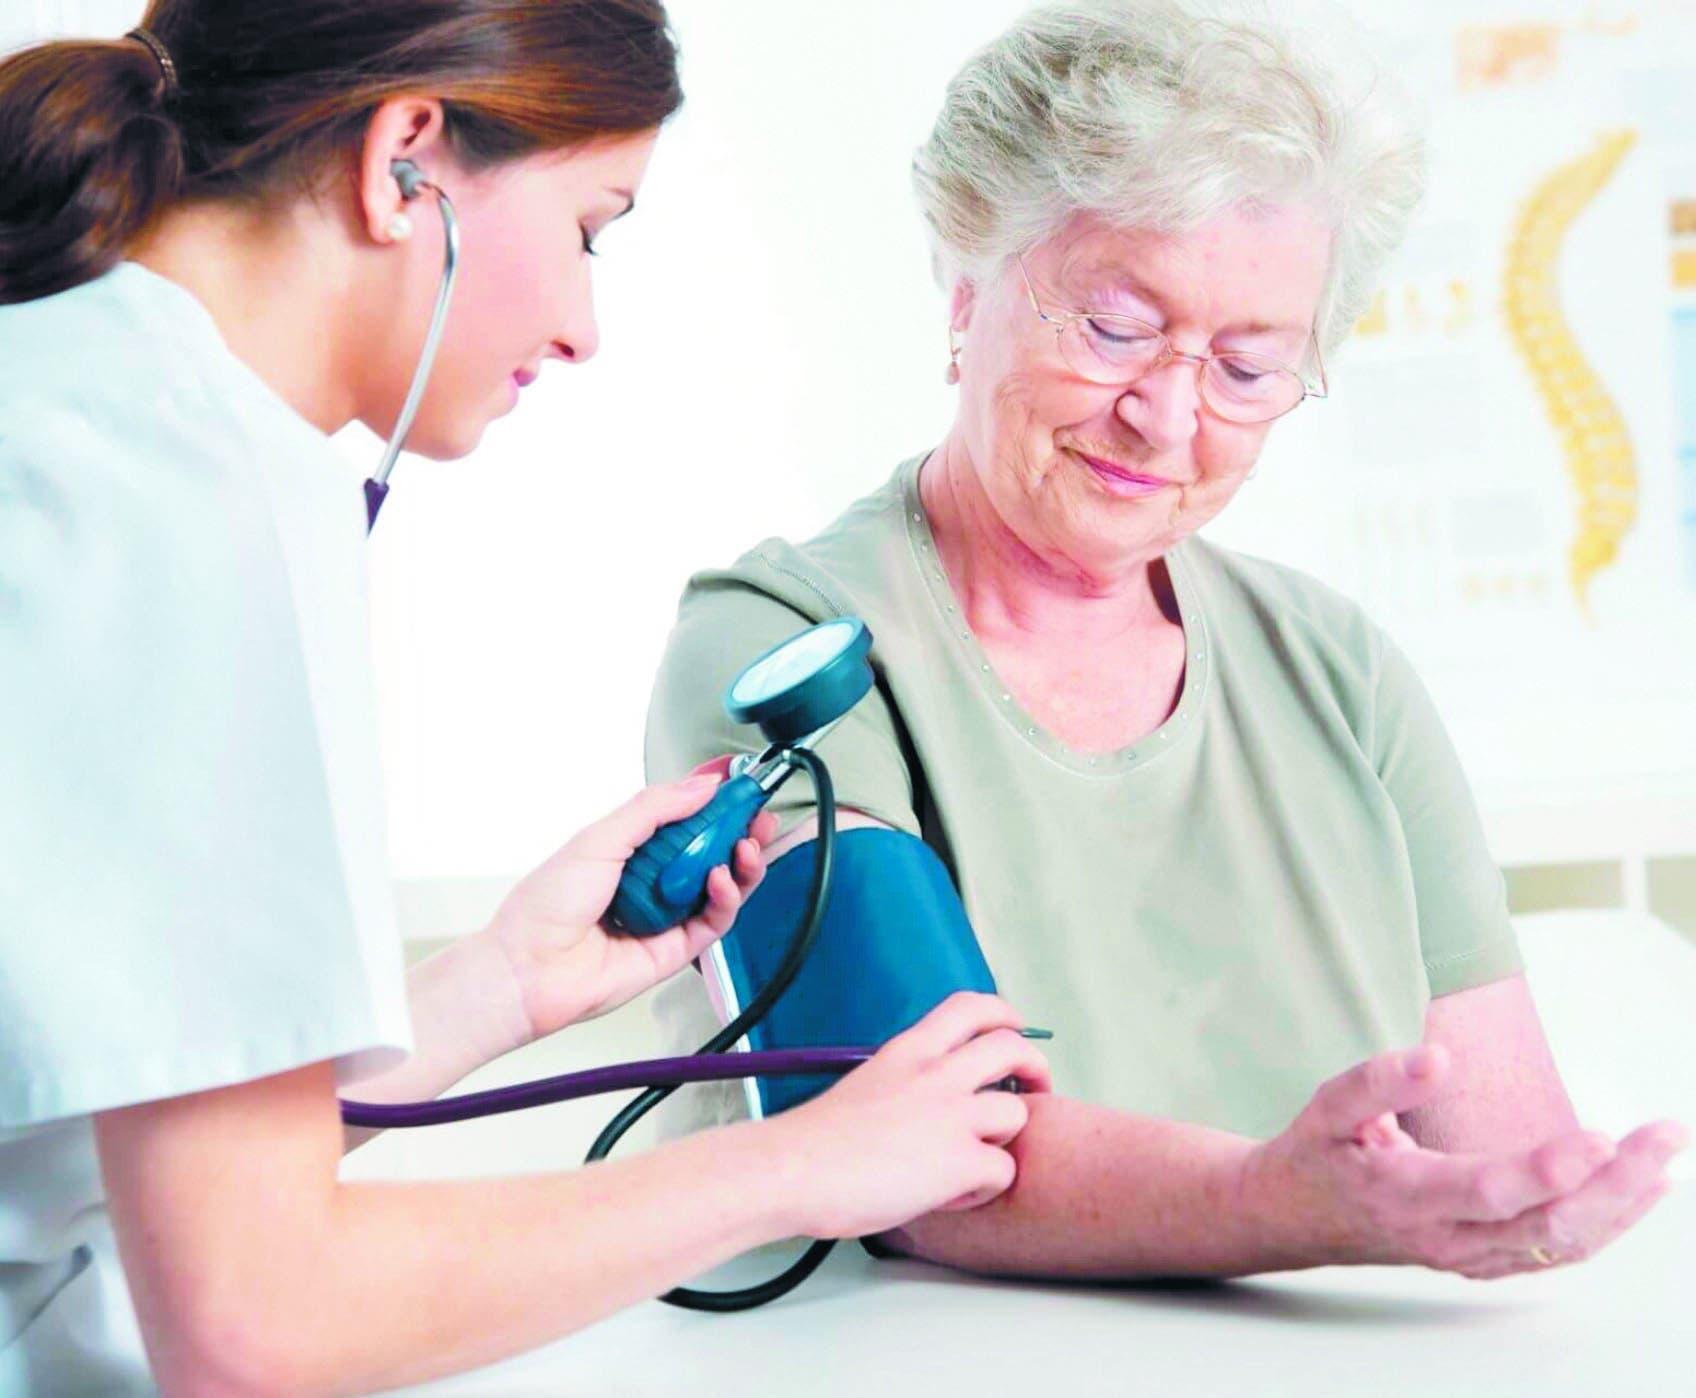 La hipertensión arterial es una pandemia silenciosa de alto riesgo